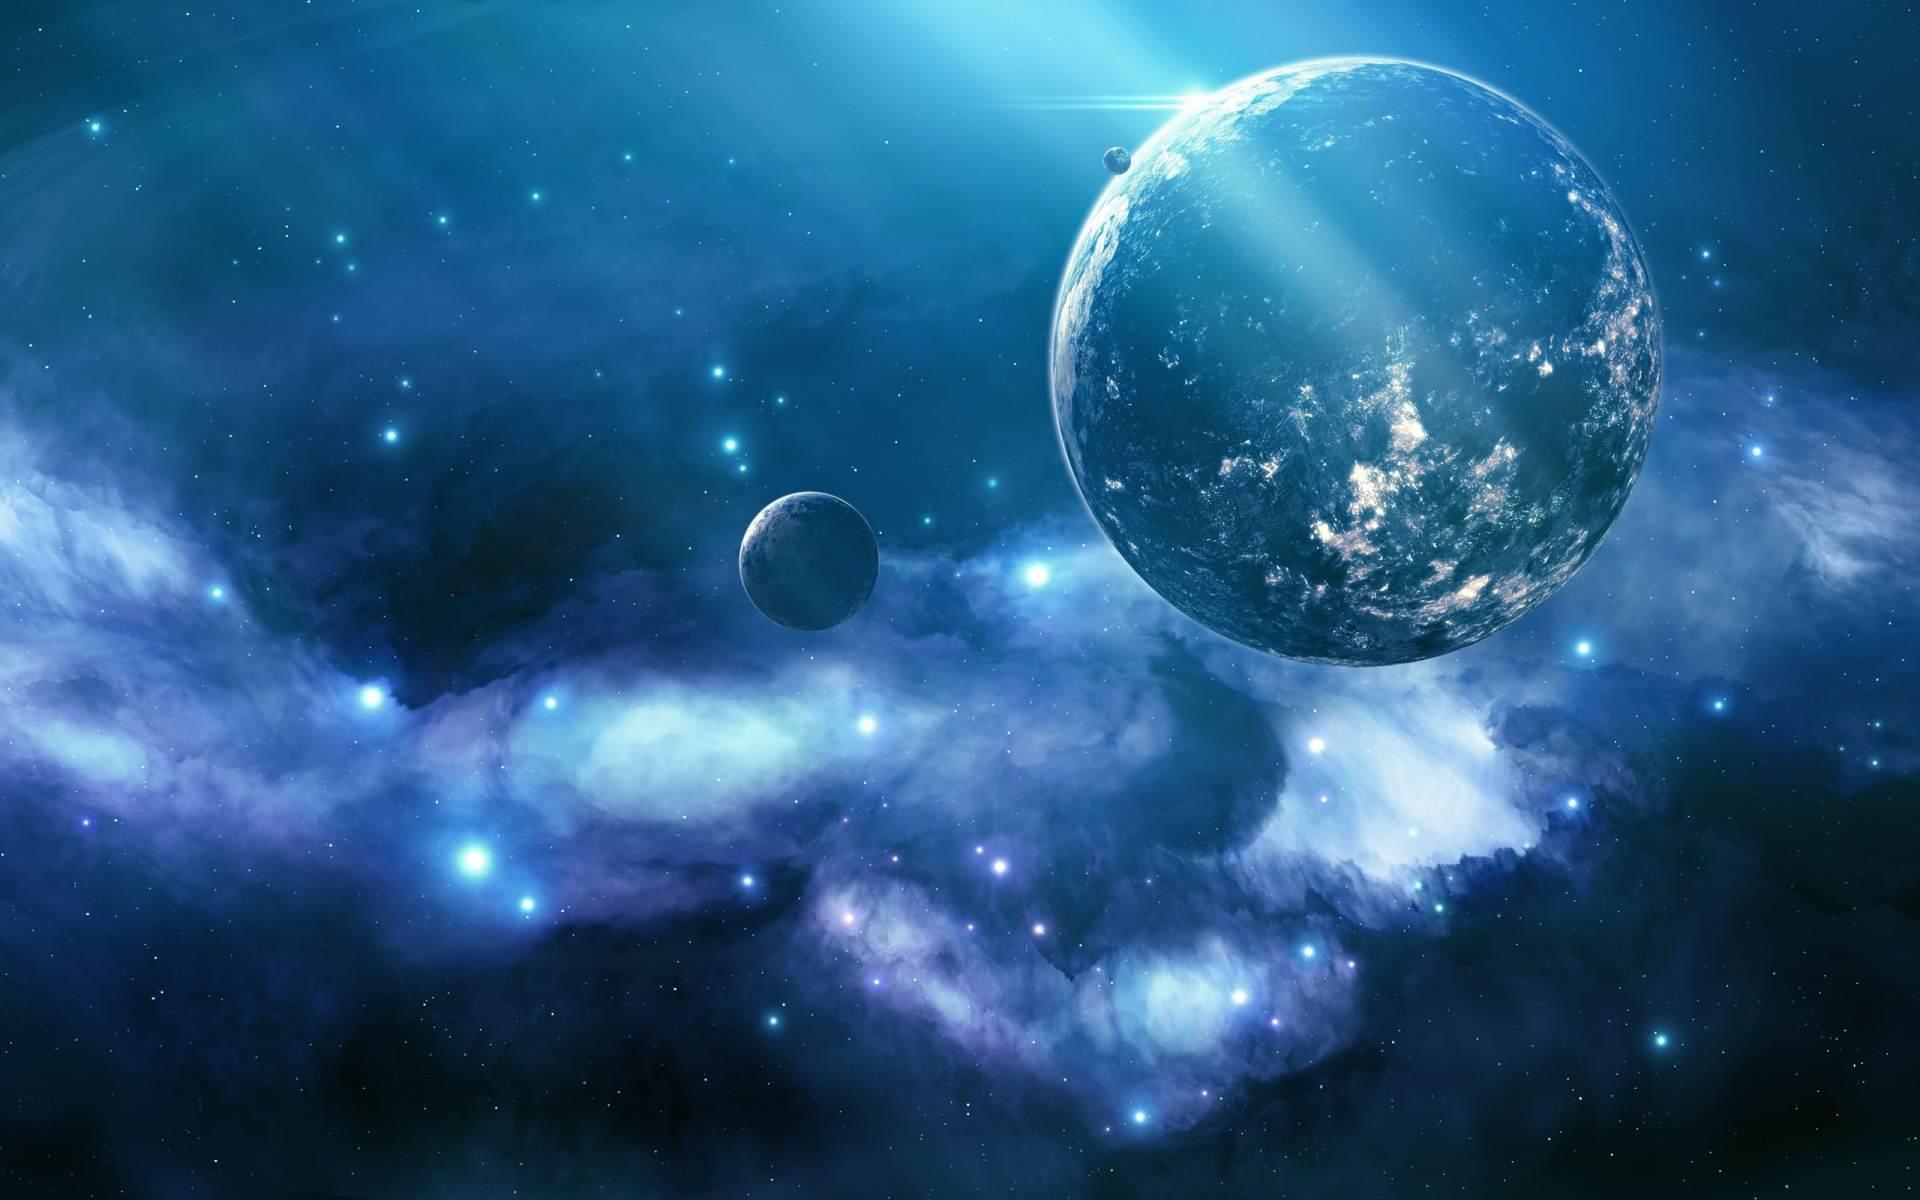 Zvijezda i i njena planeta dobit će imena kako odluče građani BiH